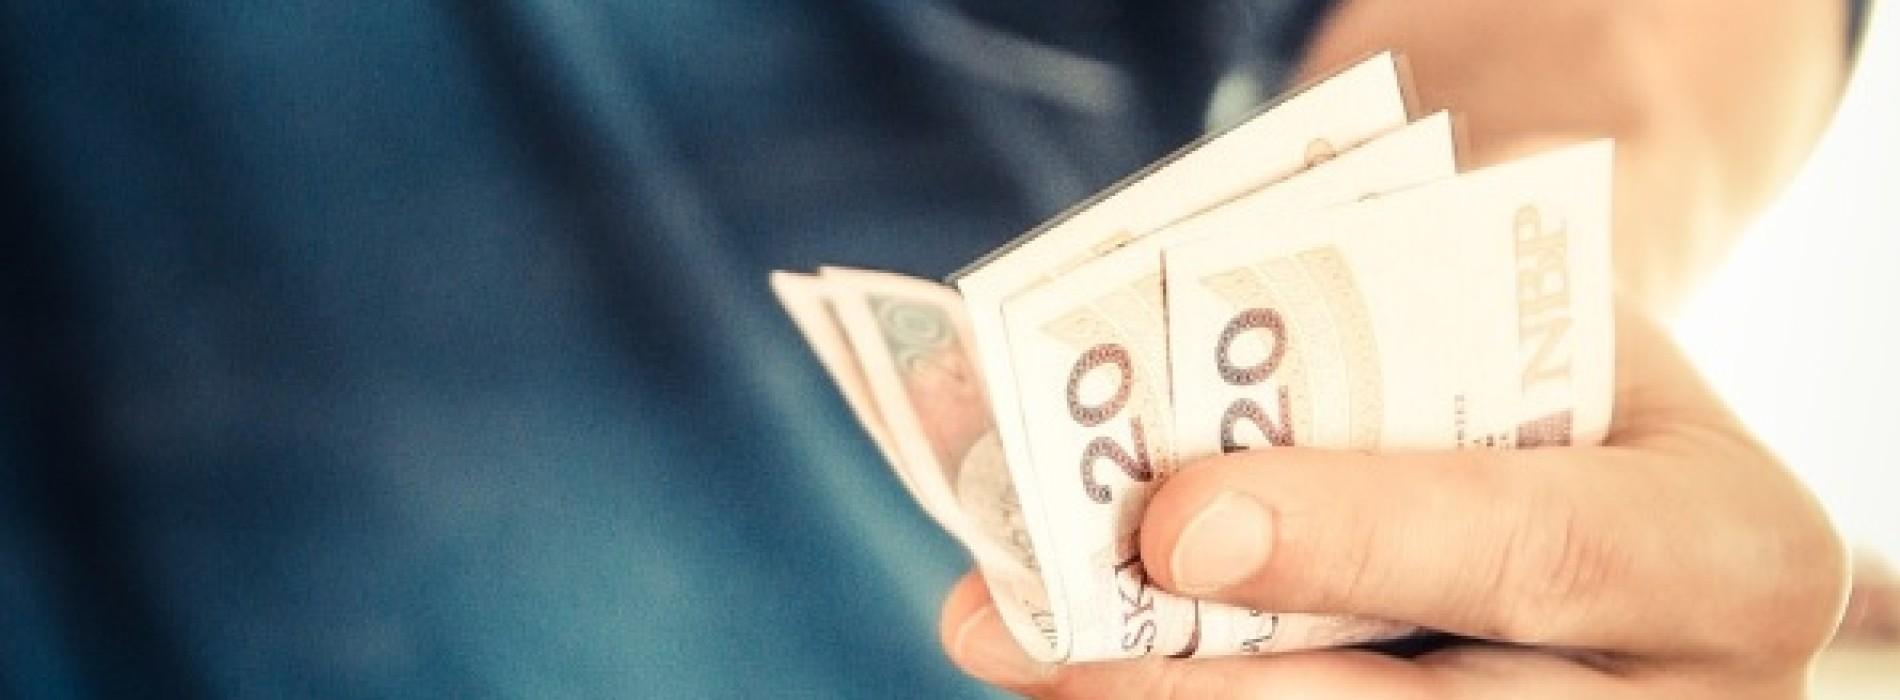 Najbardziej denerwujące opłaty bankowe